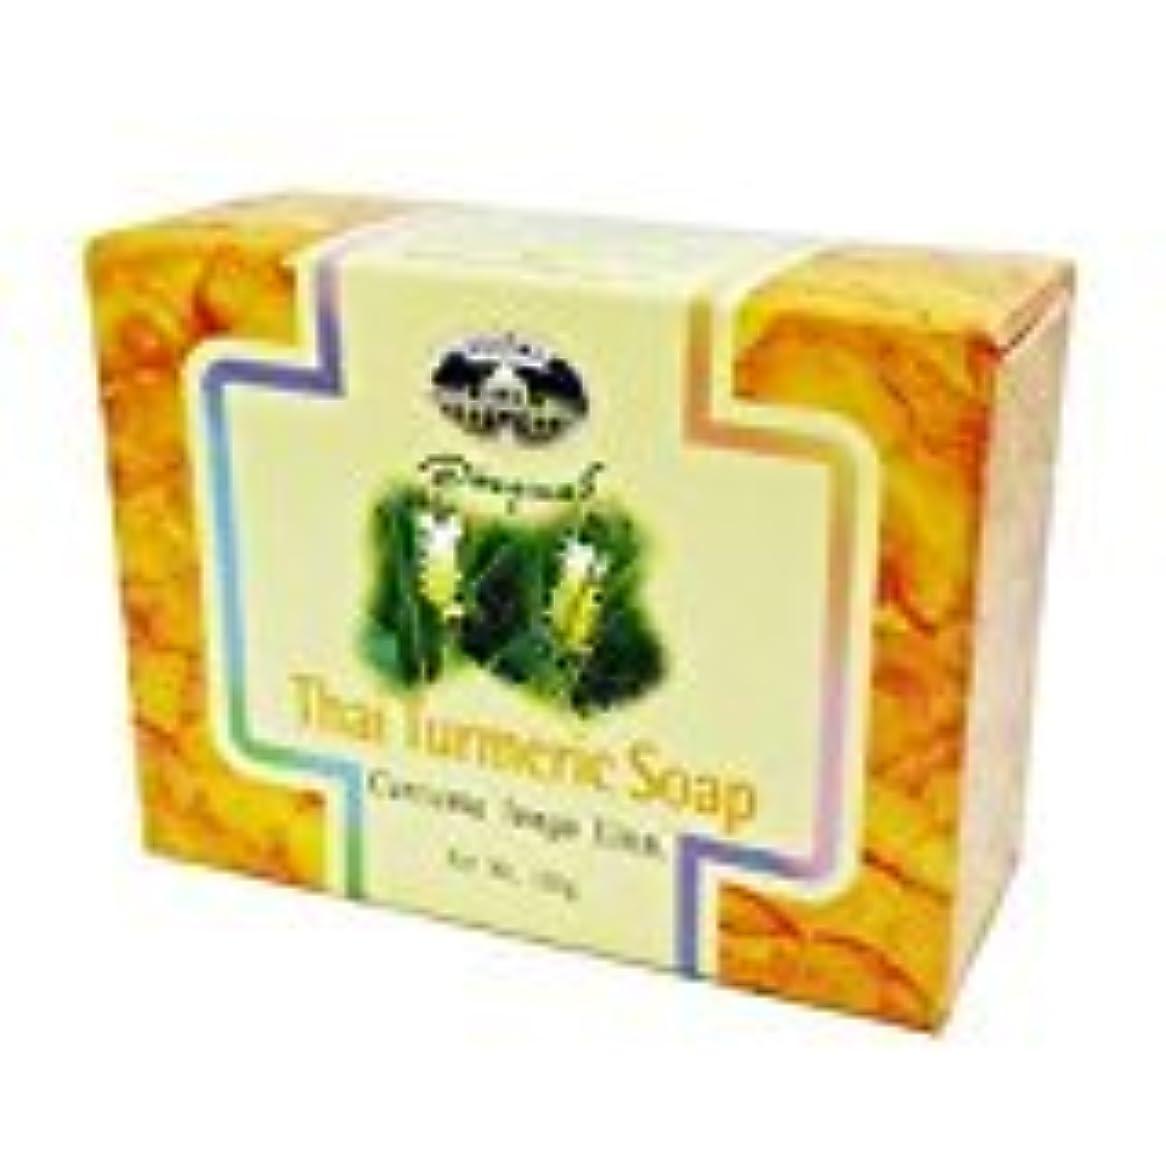 戸棚明らかにするクラブウコン石けん abhaibhubejhr Turmeric soap 100g